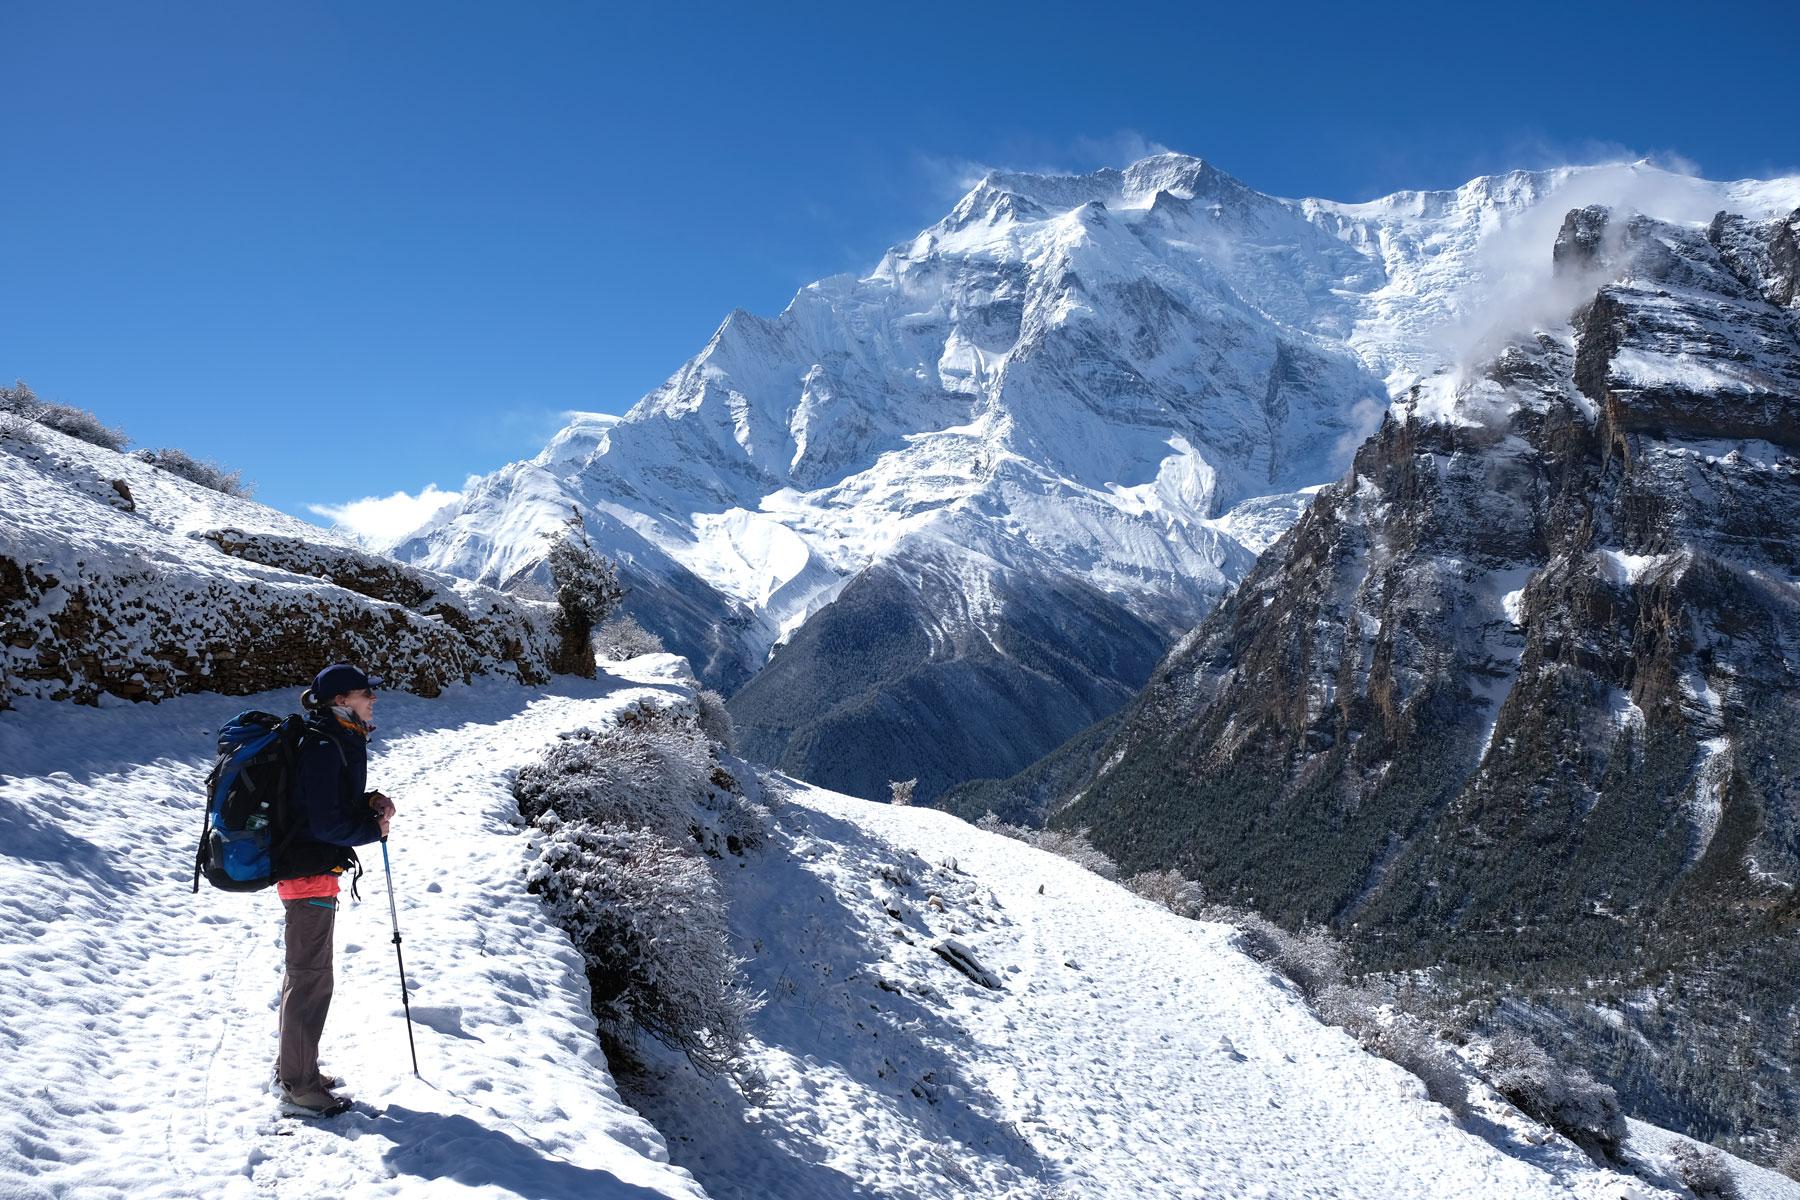 Leo auf einem verschneiten Wanderweg in den Bergen des Annapurnagebirges.